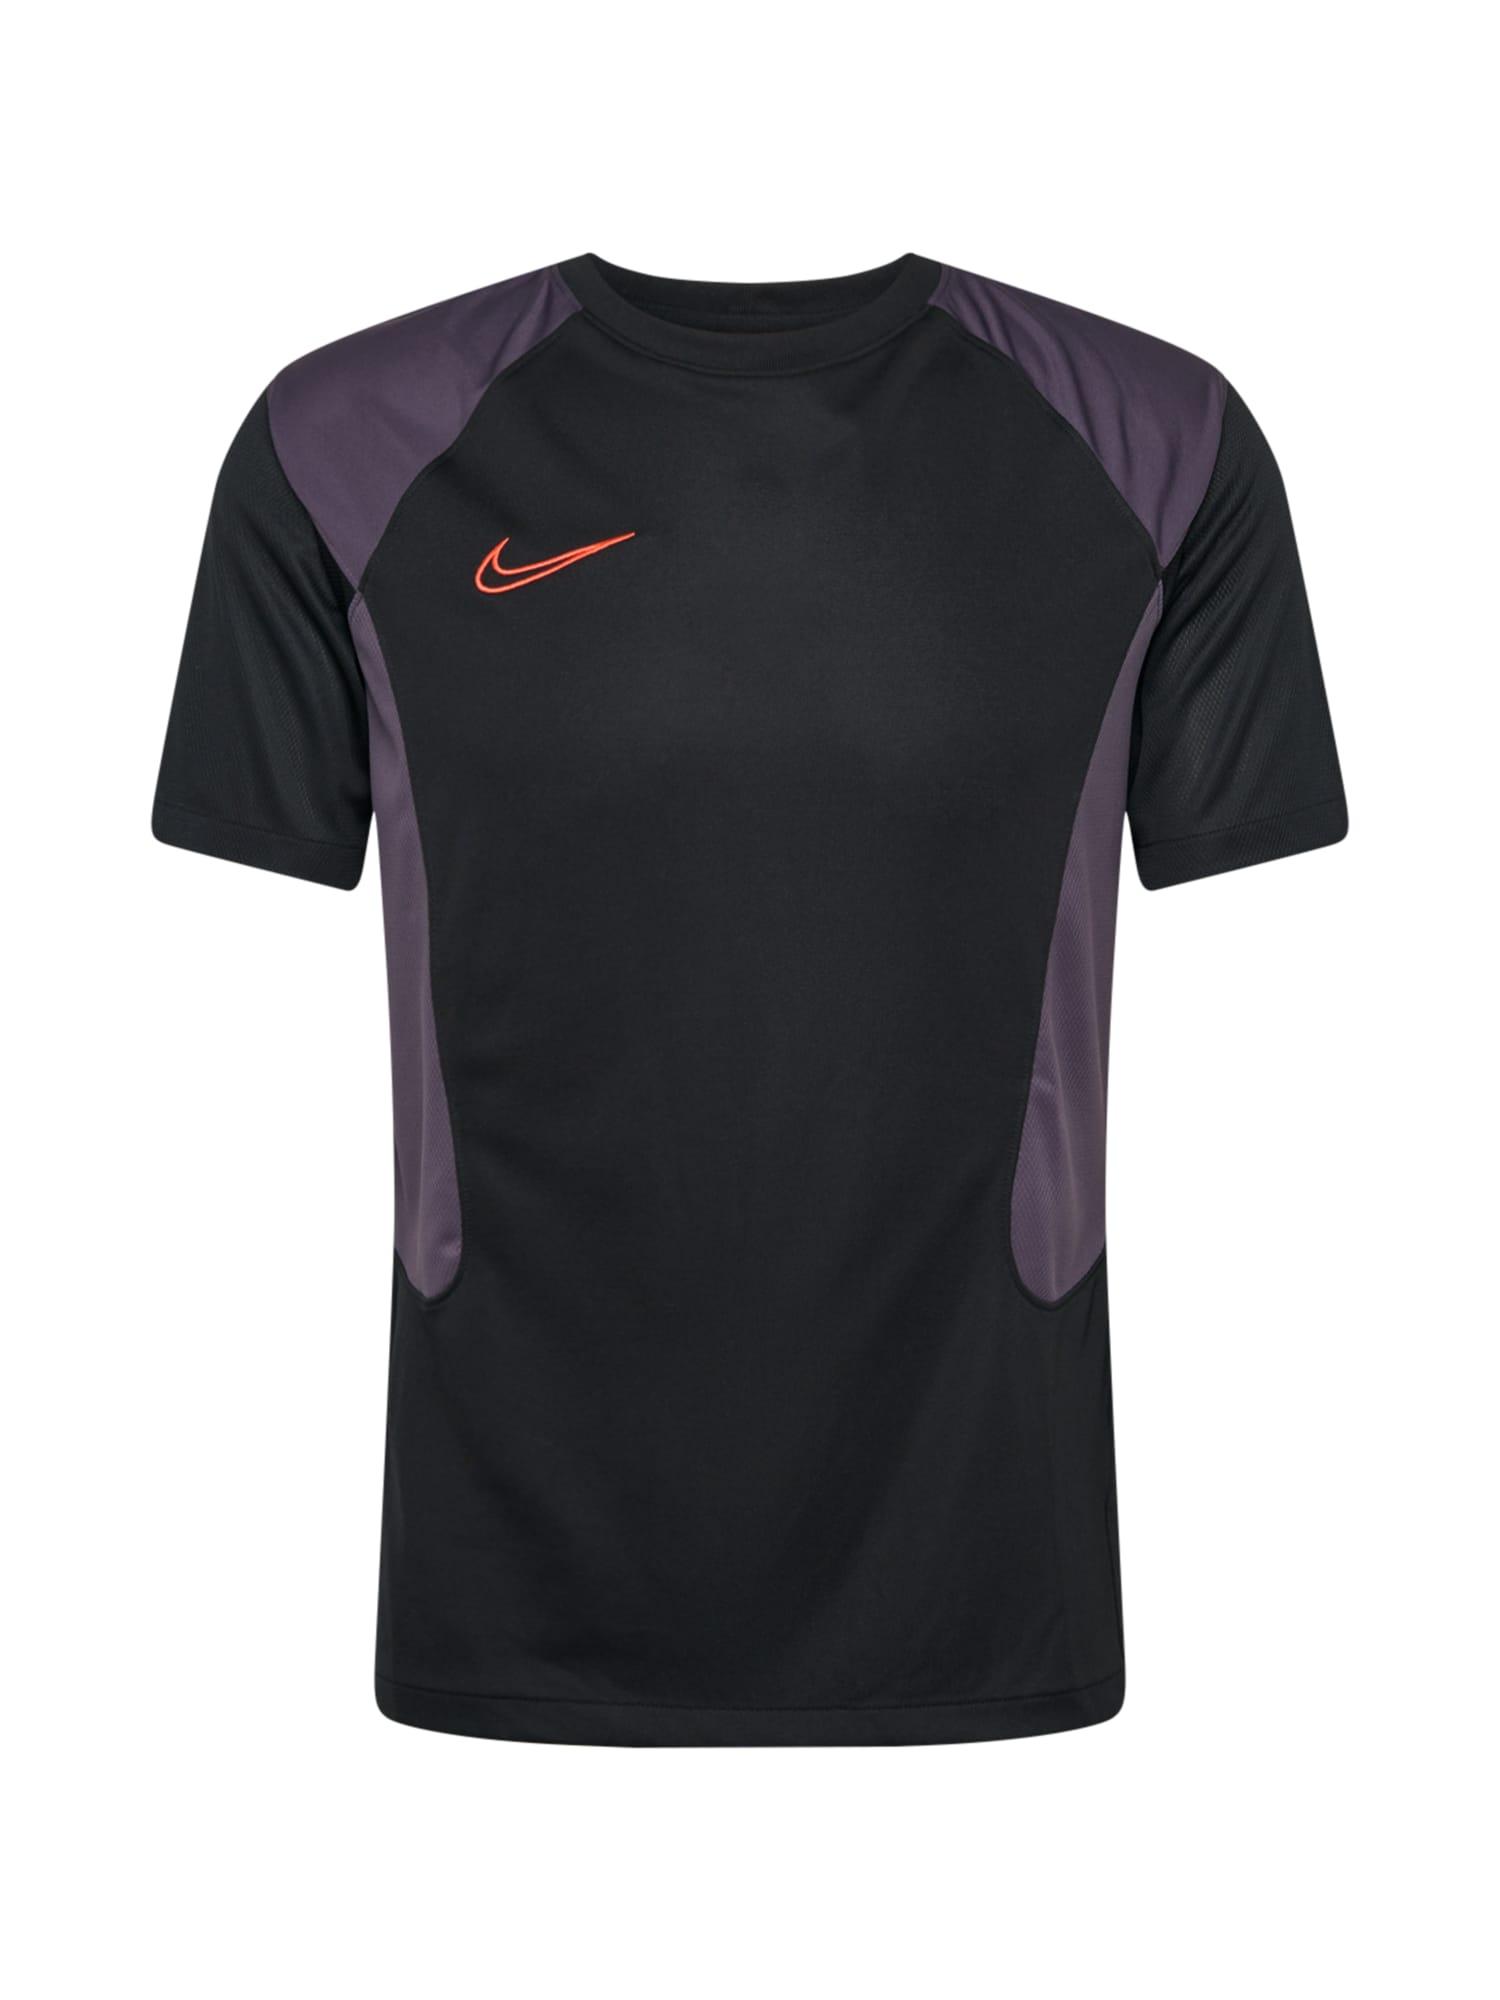 NIKE Sportiniai marškinėliai juoda / tamsiai violetinė